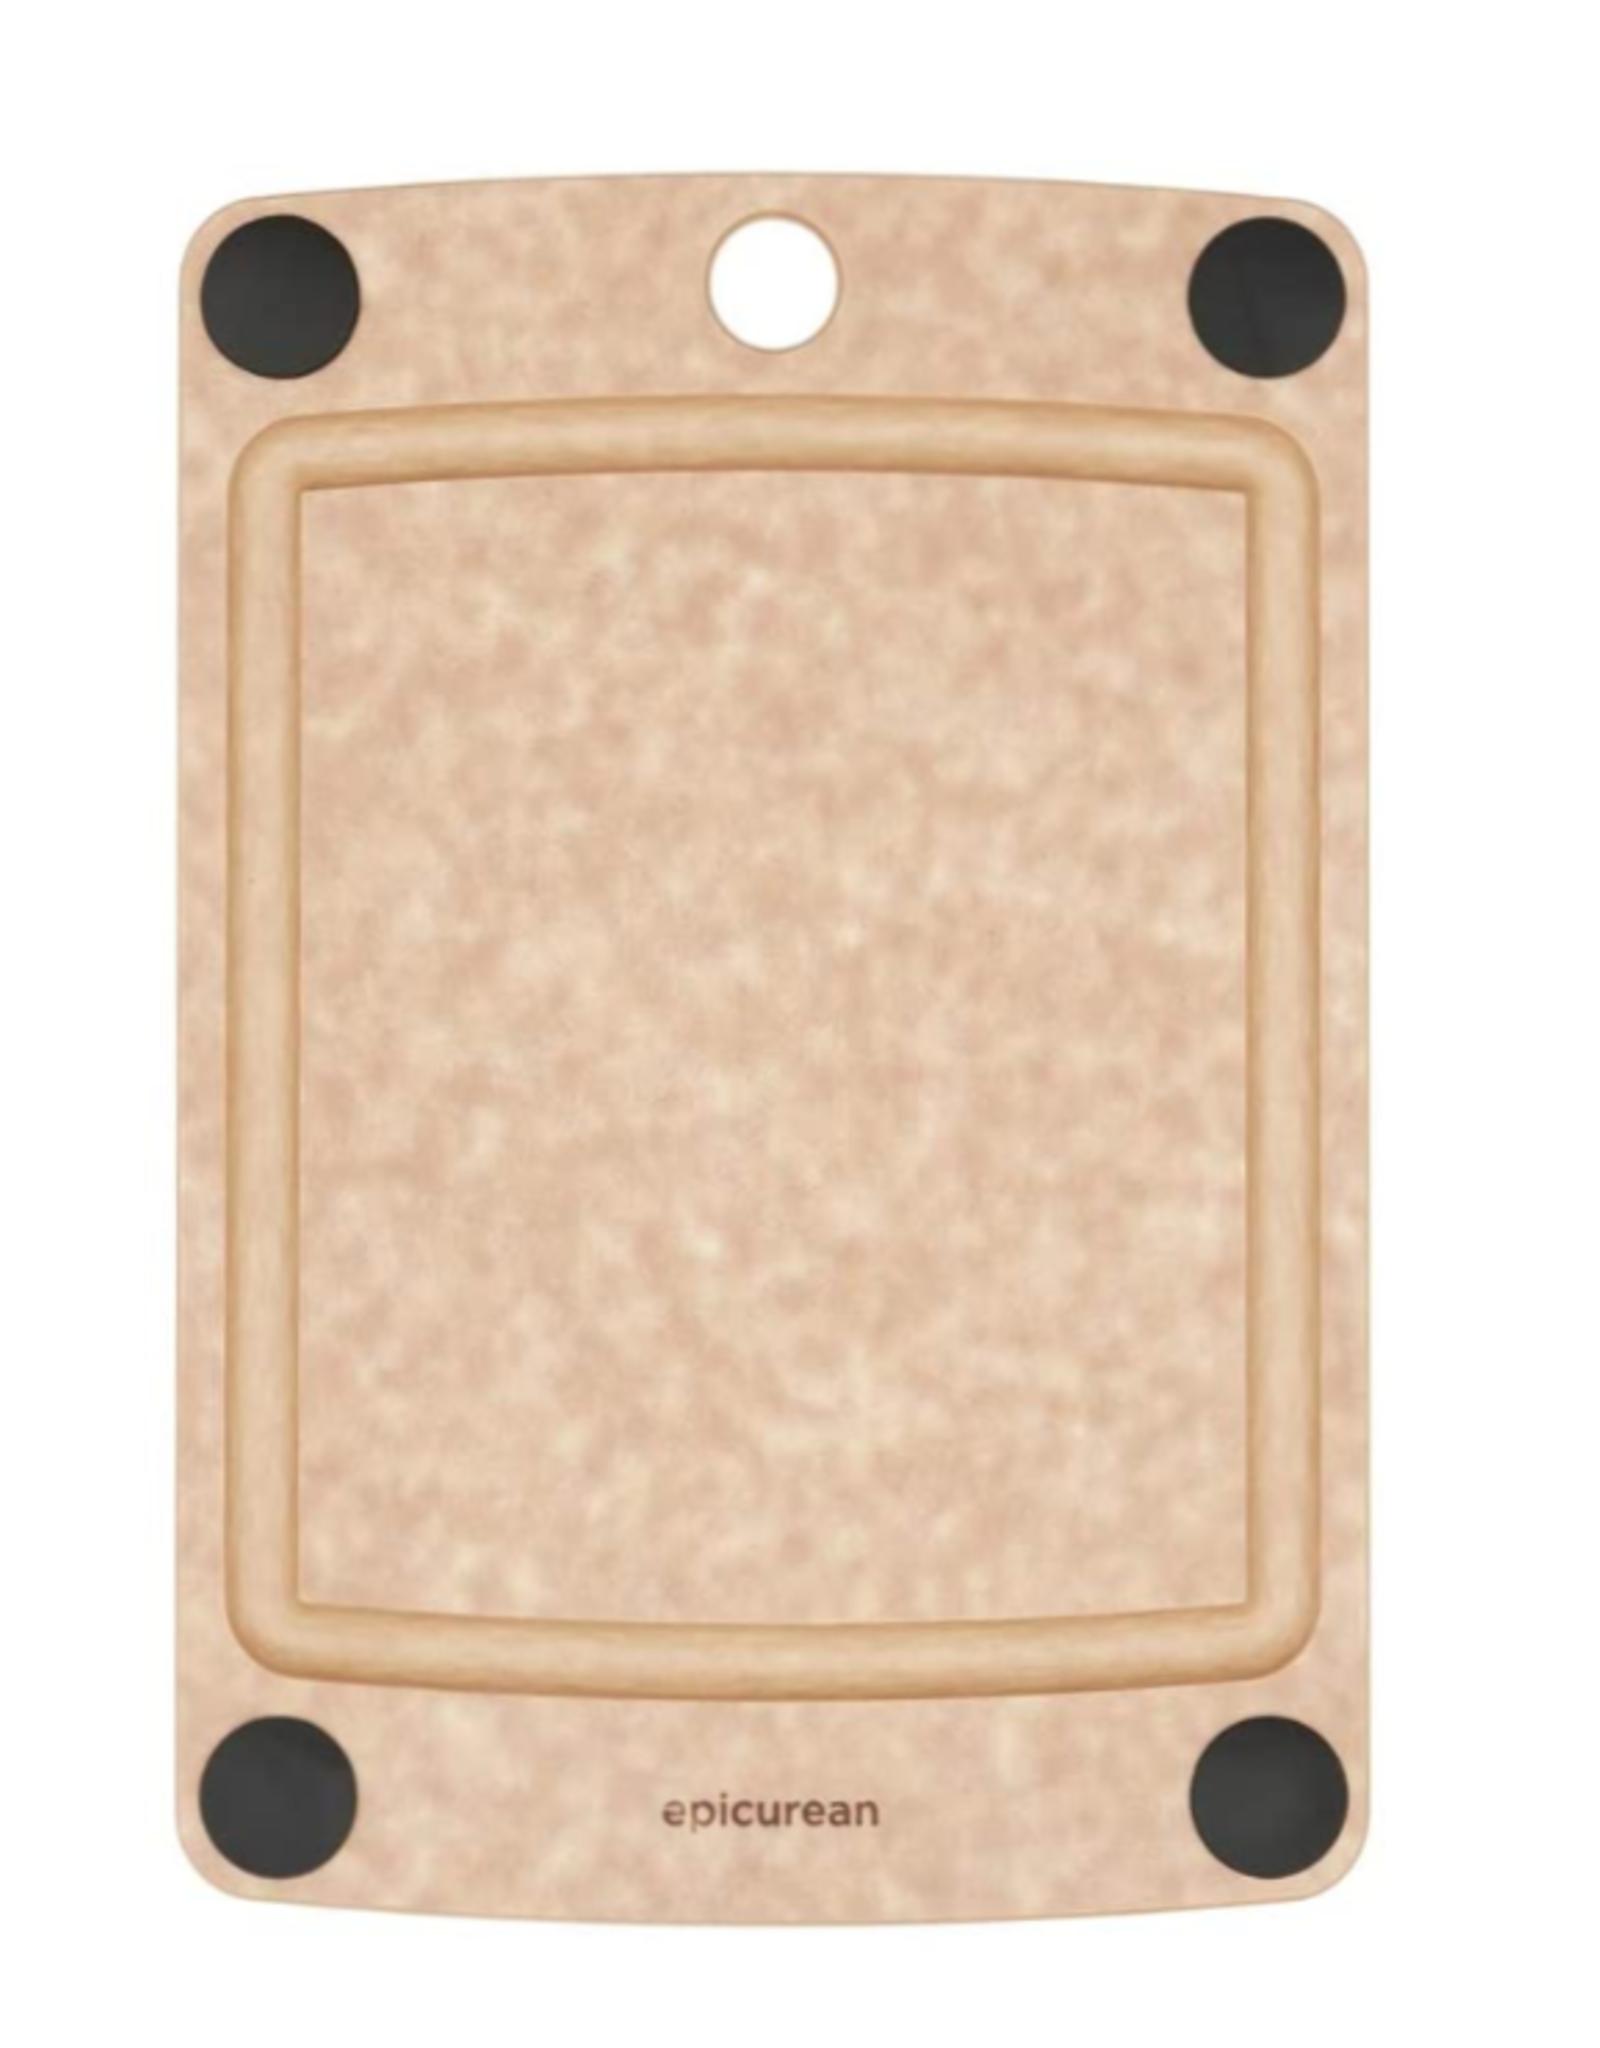 Epicurean All In One Cutting Board 10x7 Natural/Black